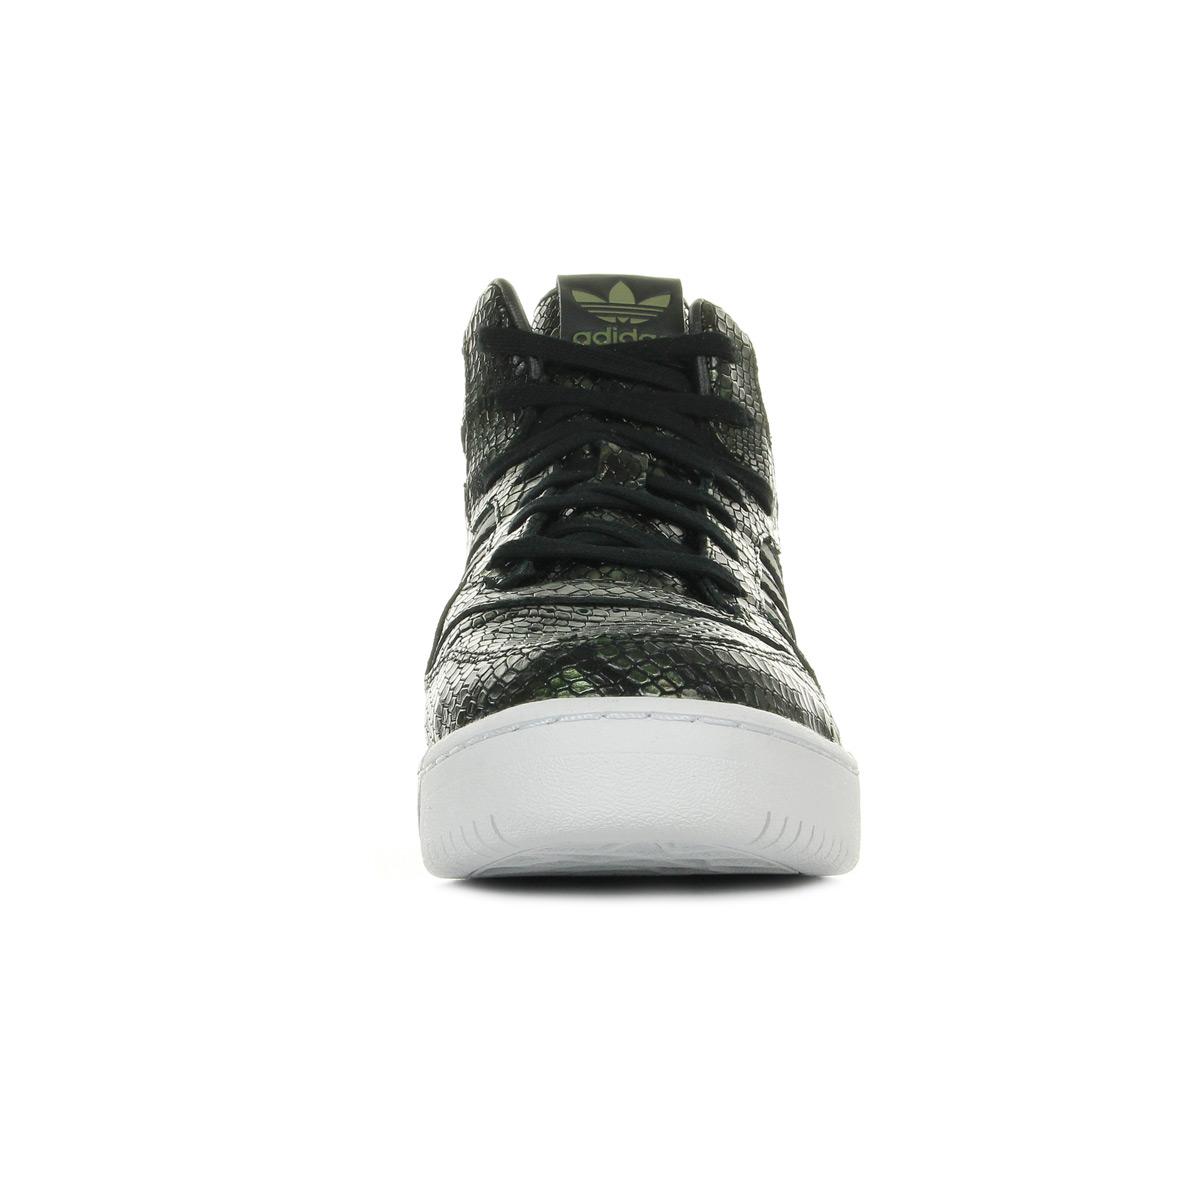 Basket adidas Originals M Attitude Revive S75795 – achat